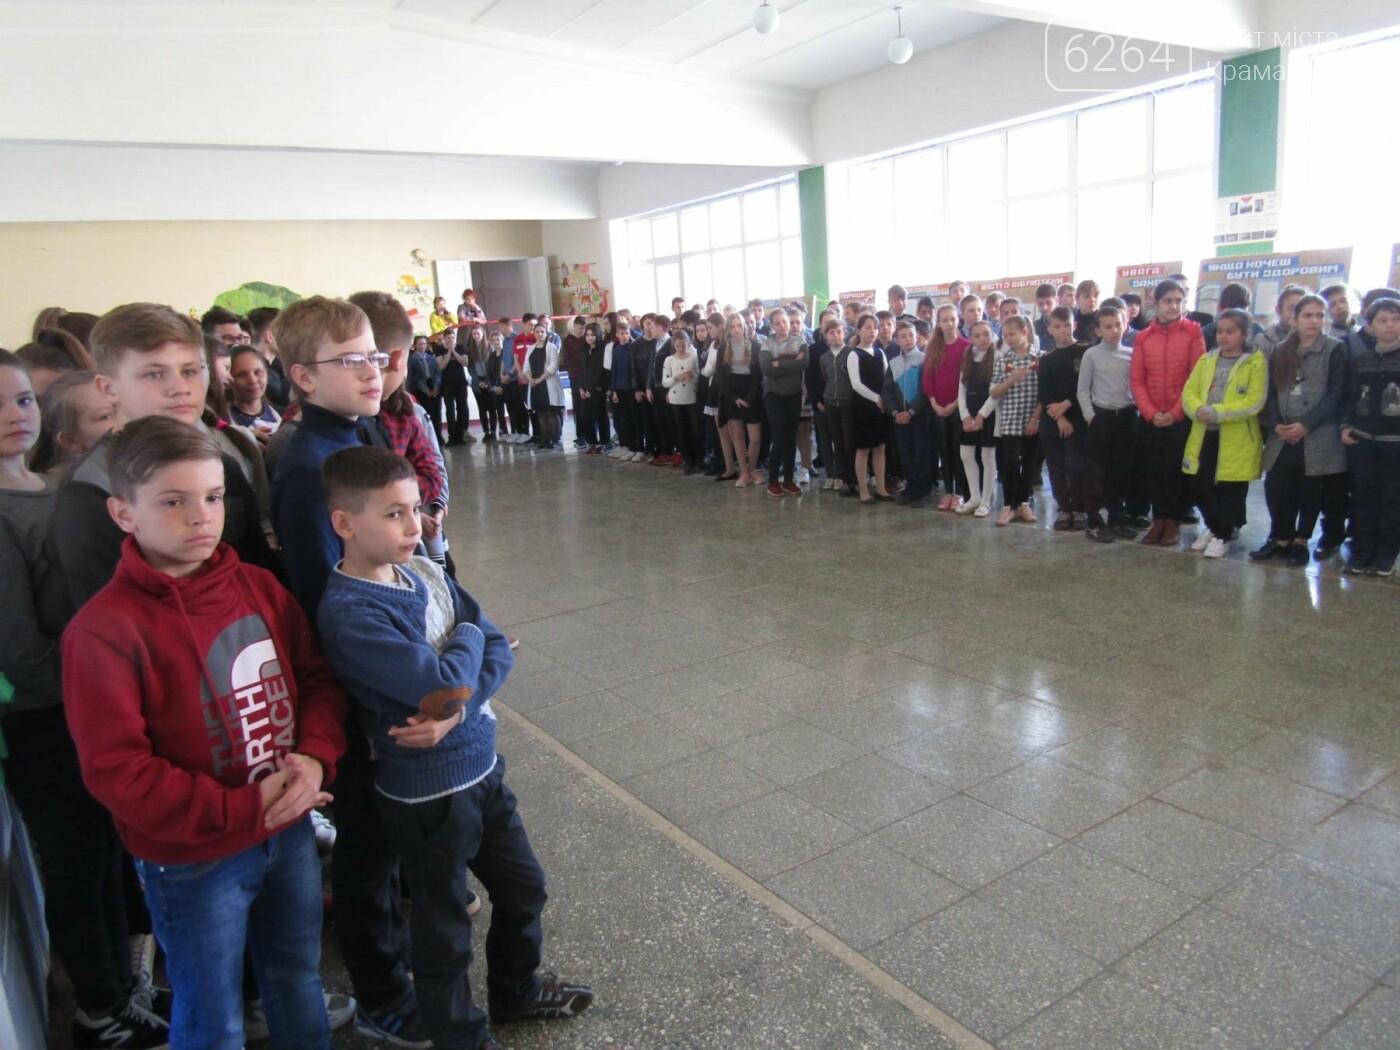 ОШ №24 Краматорска стала первой в городе, где школьники перешли на раздельный сбор отходов, фото-3